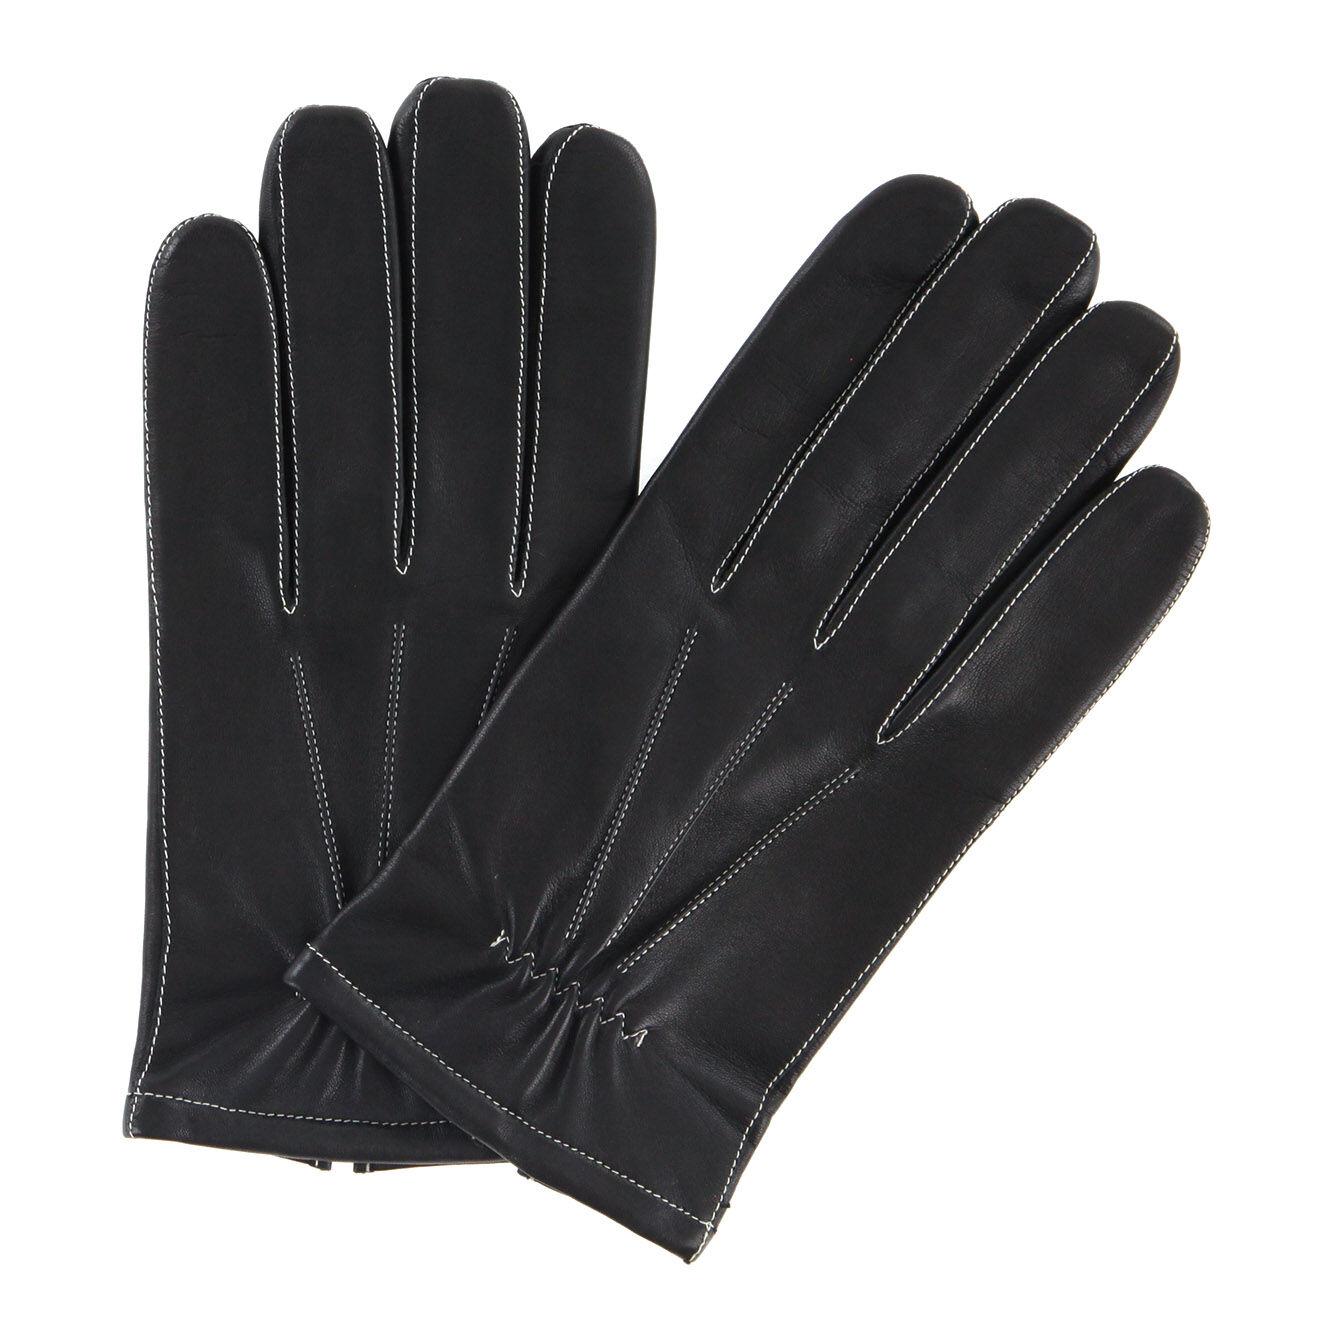 Gants en Cuir d'Agneau doublure textile noir/écru